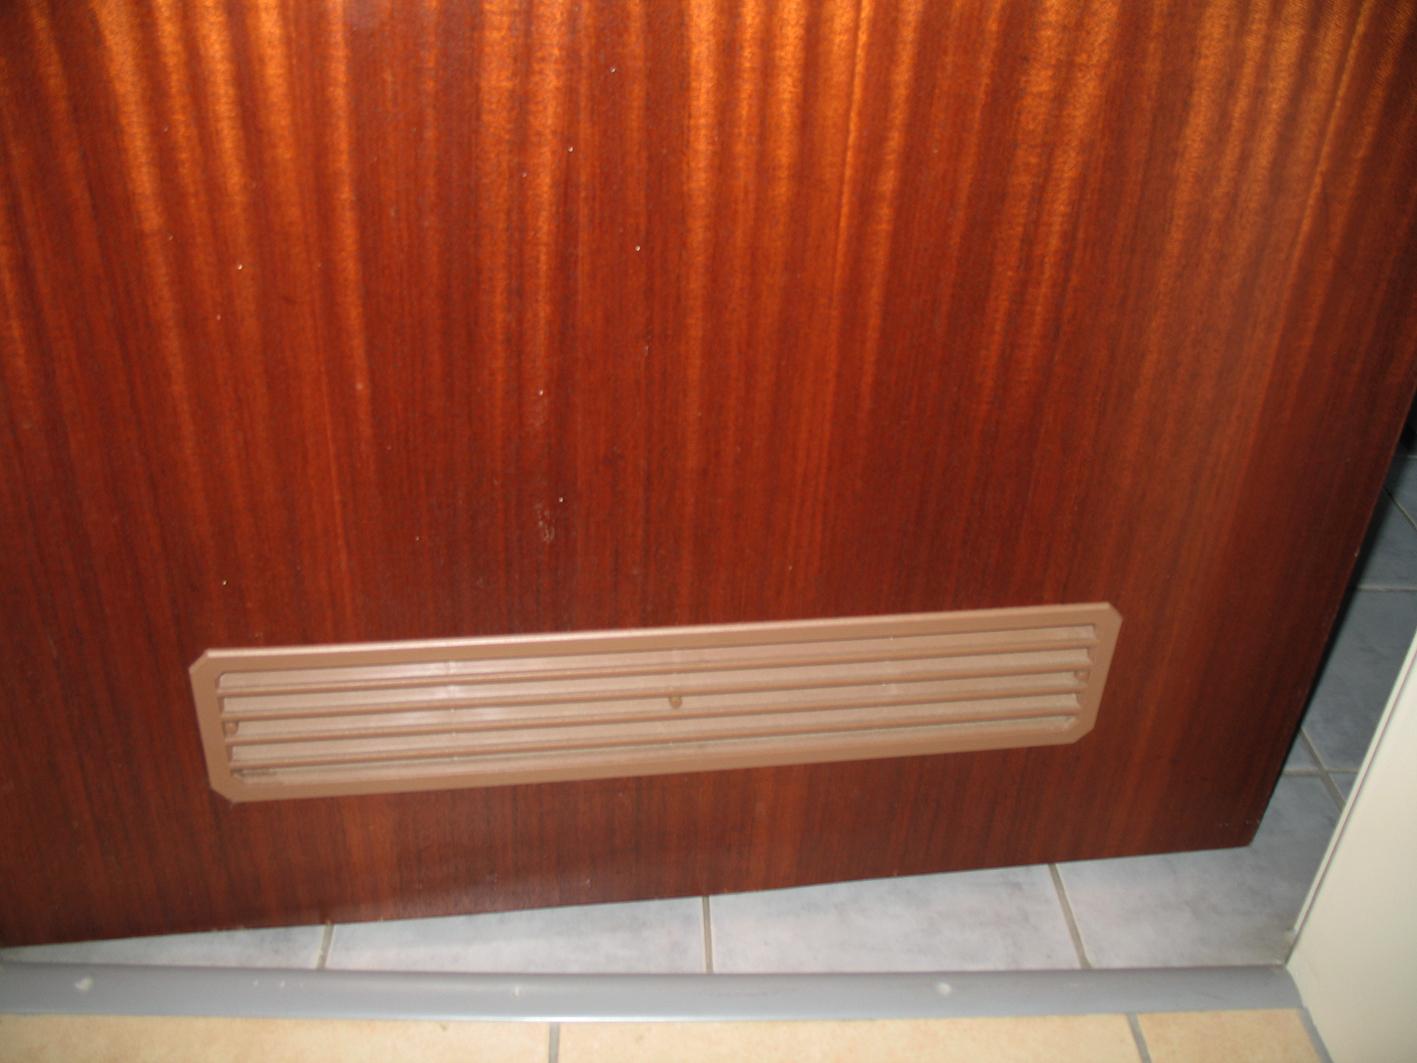 Lüftungsgitter Badezimmer Jtleigh.com   Hausgestaltung Ideen